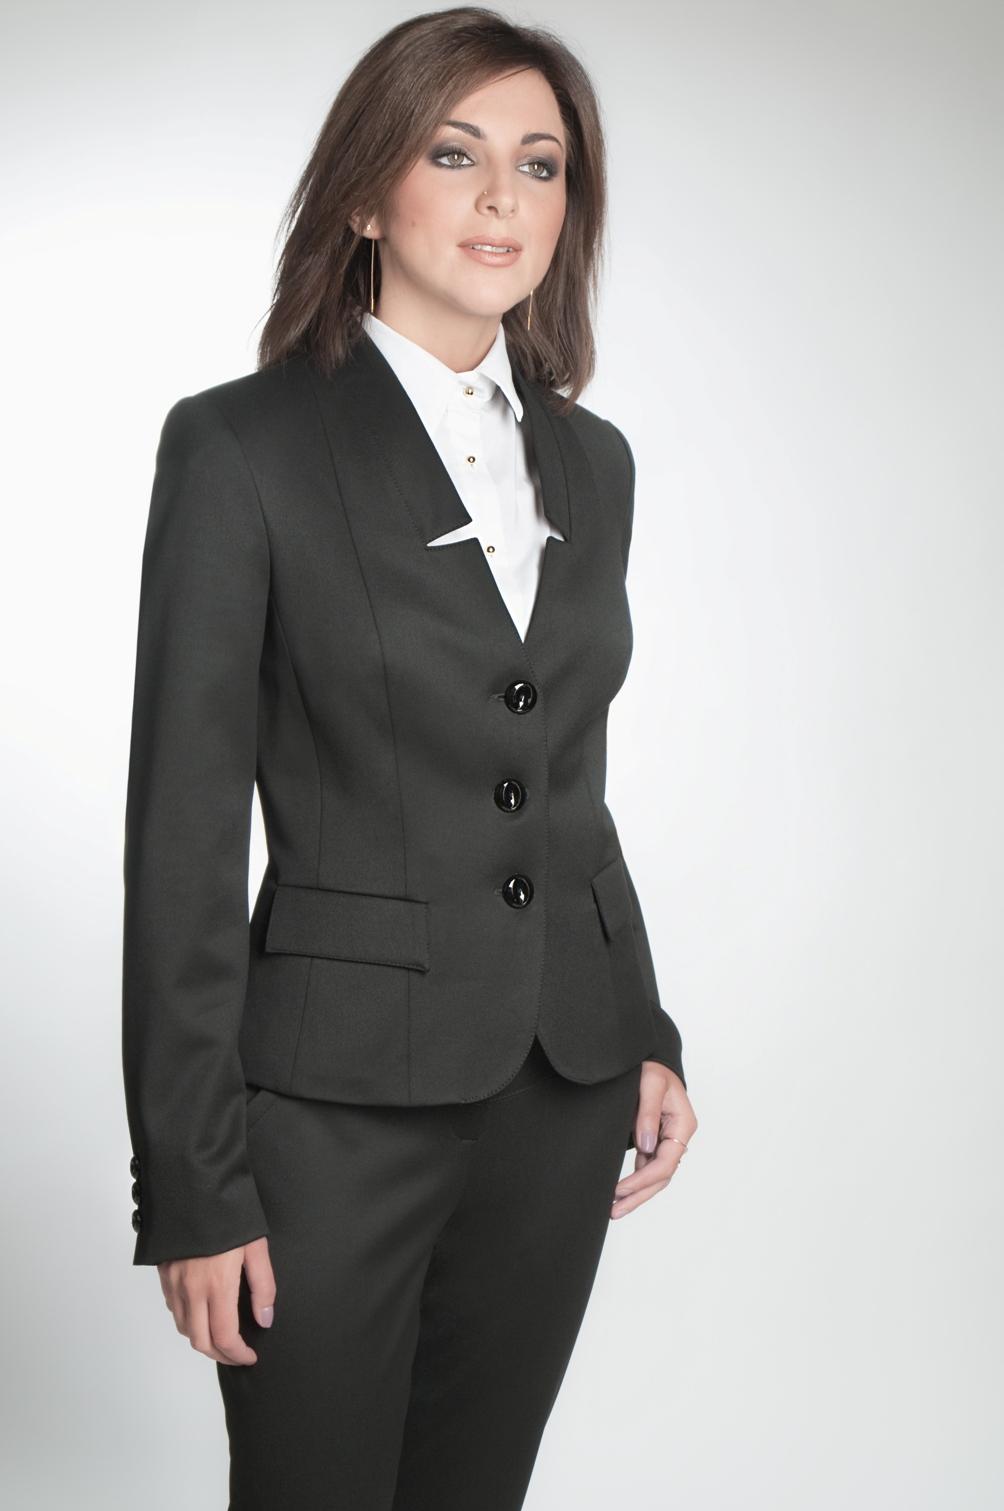 Деловой женский костюм с доставкой